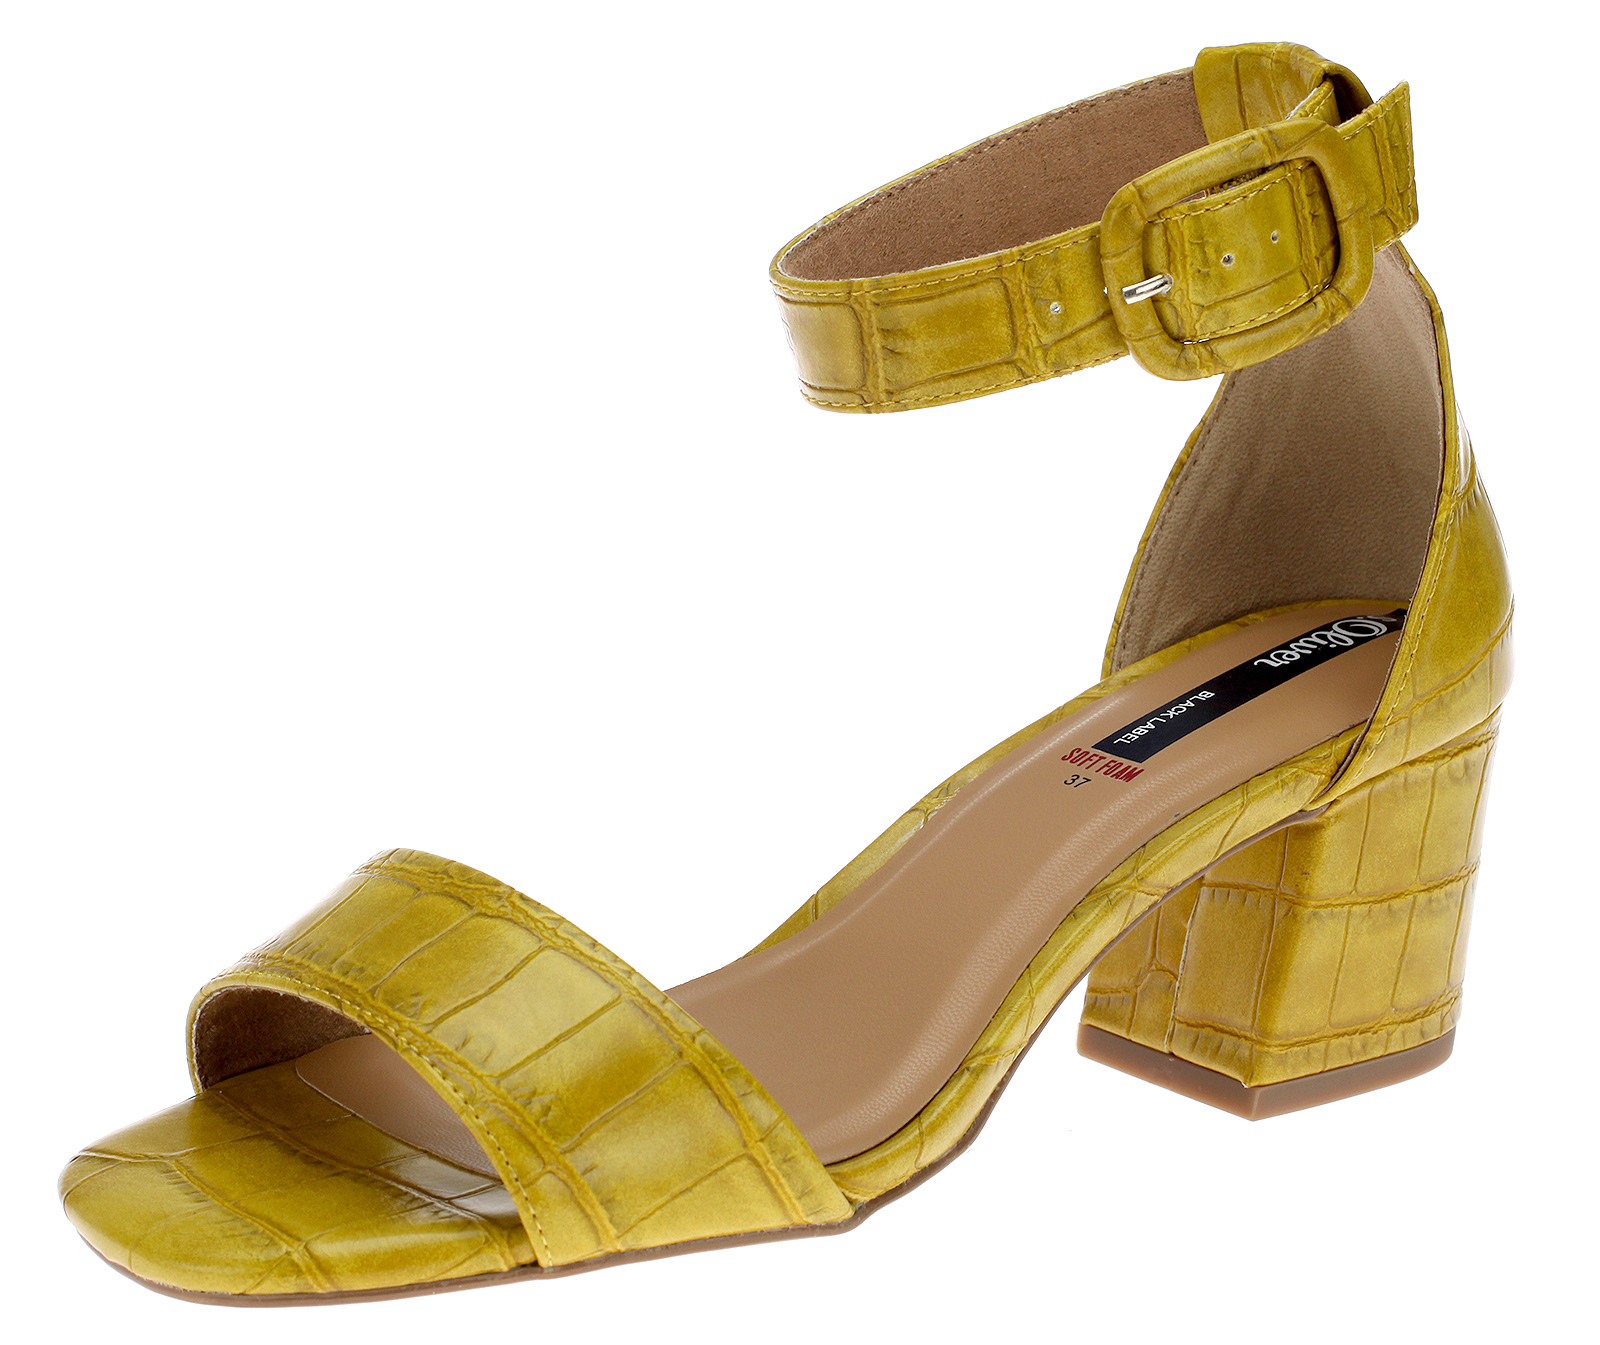 s.Oliver Damen Schuhe Sandaletten Sandale Sommerschuhe 28338